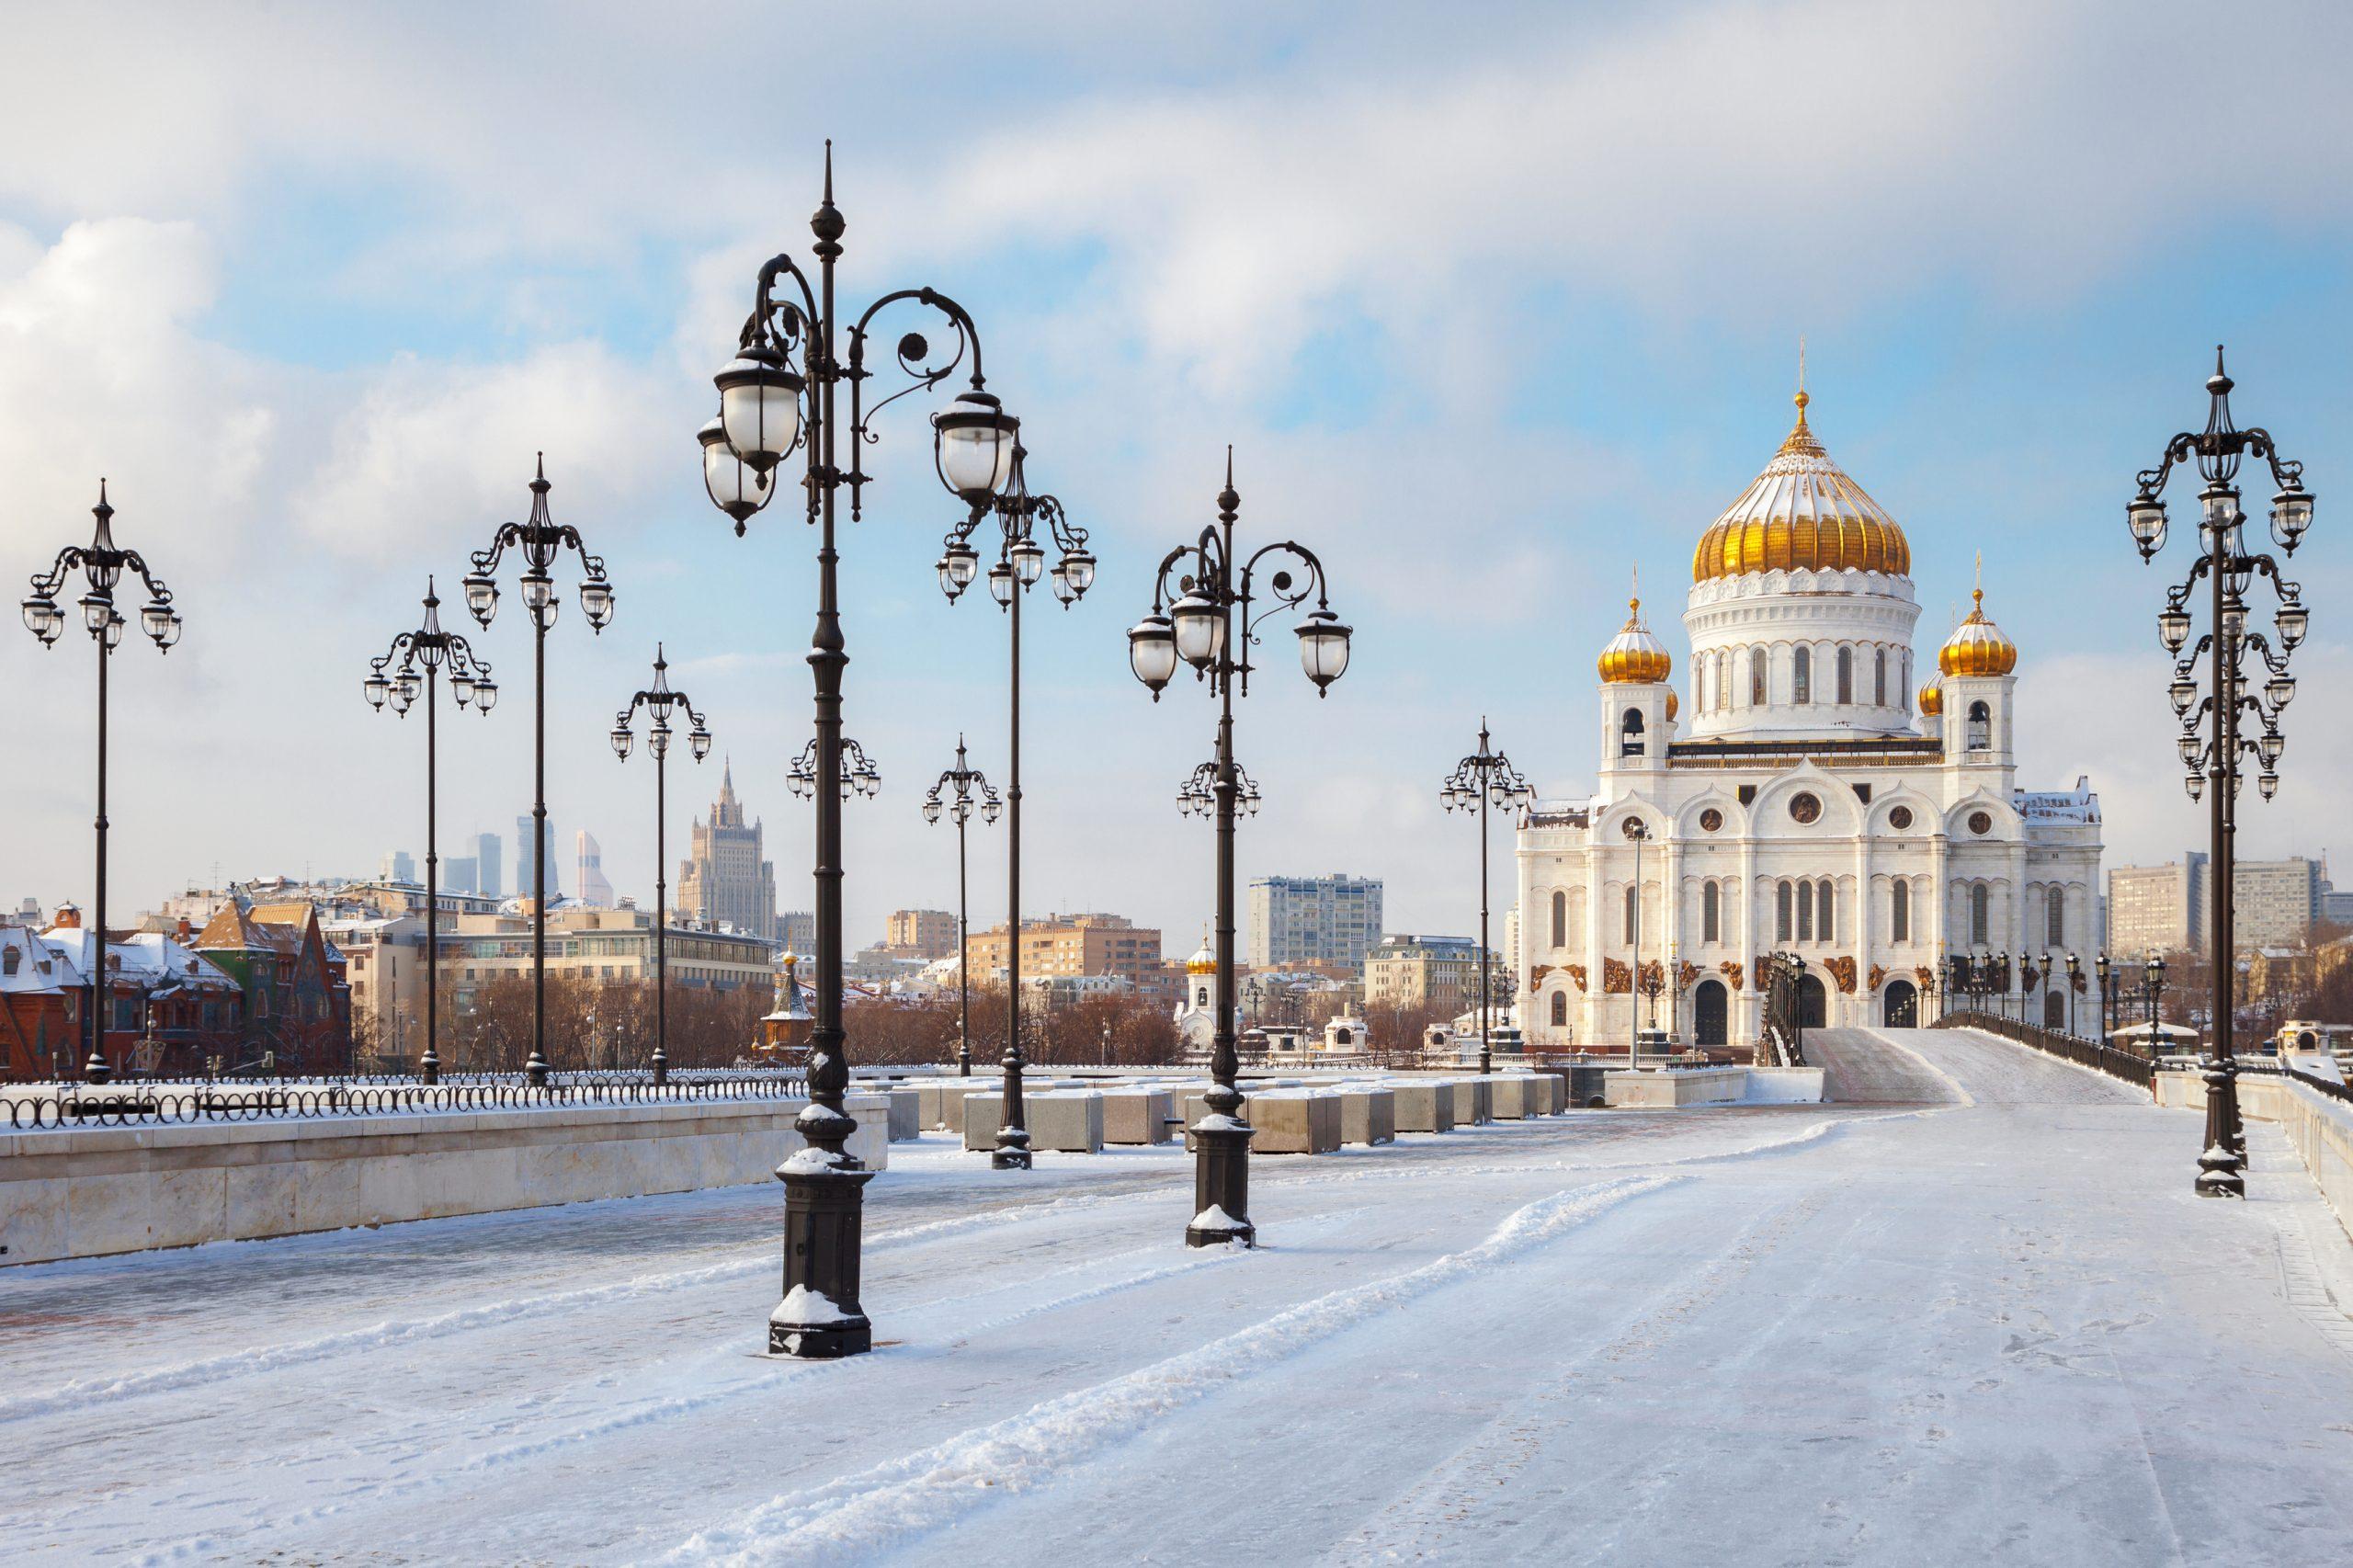 A Megváltó Krisztus-székesegyház kupolái ismét uralják Moszkva látképét